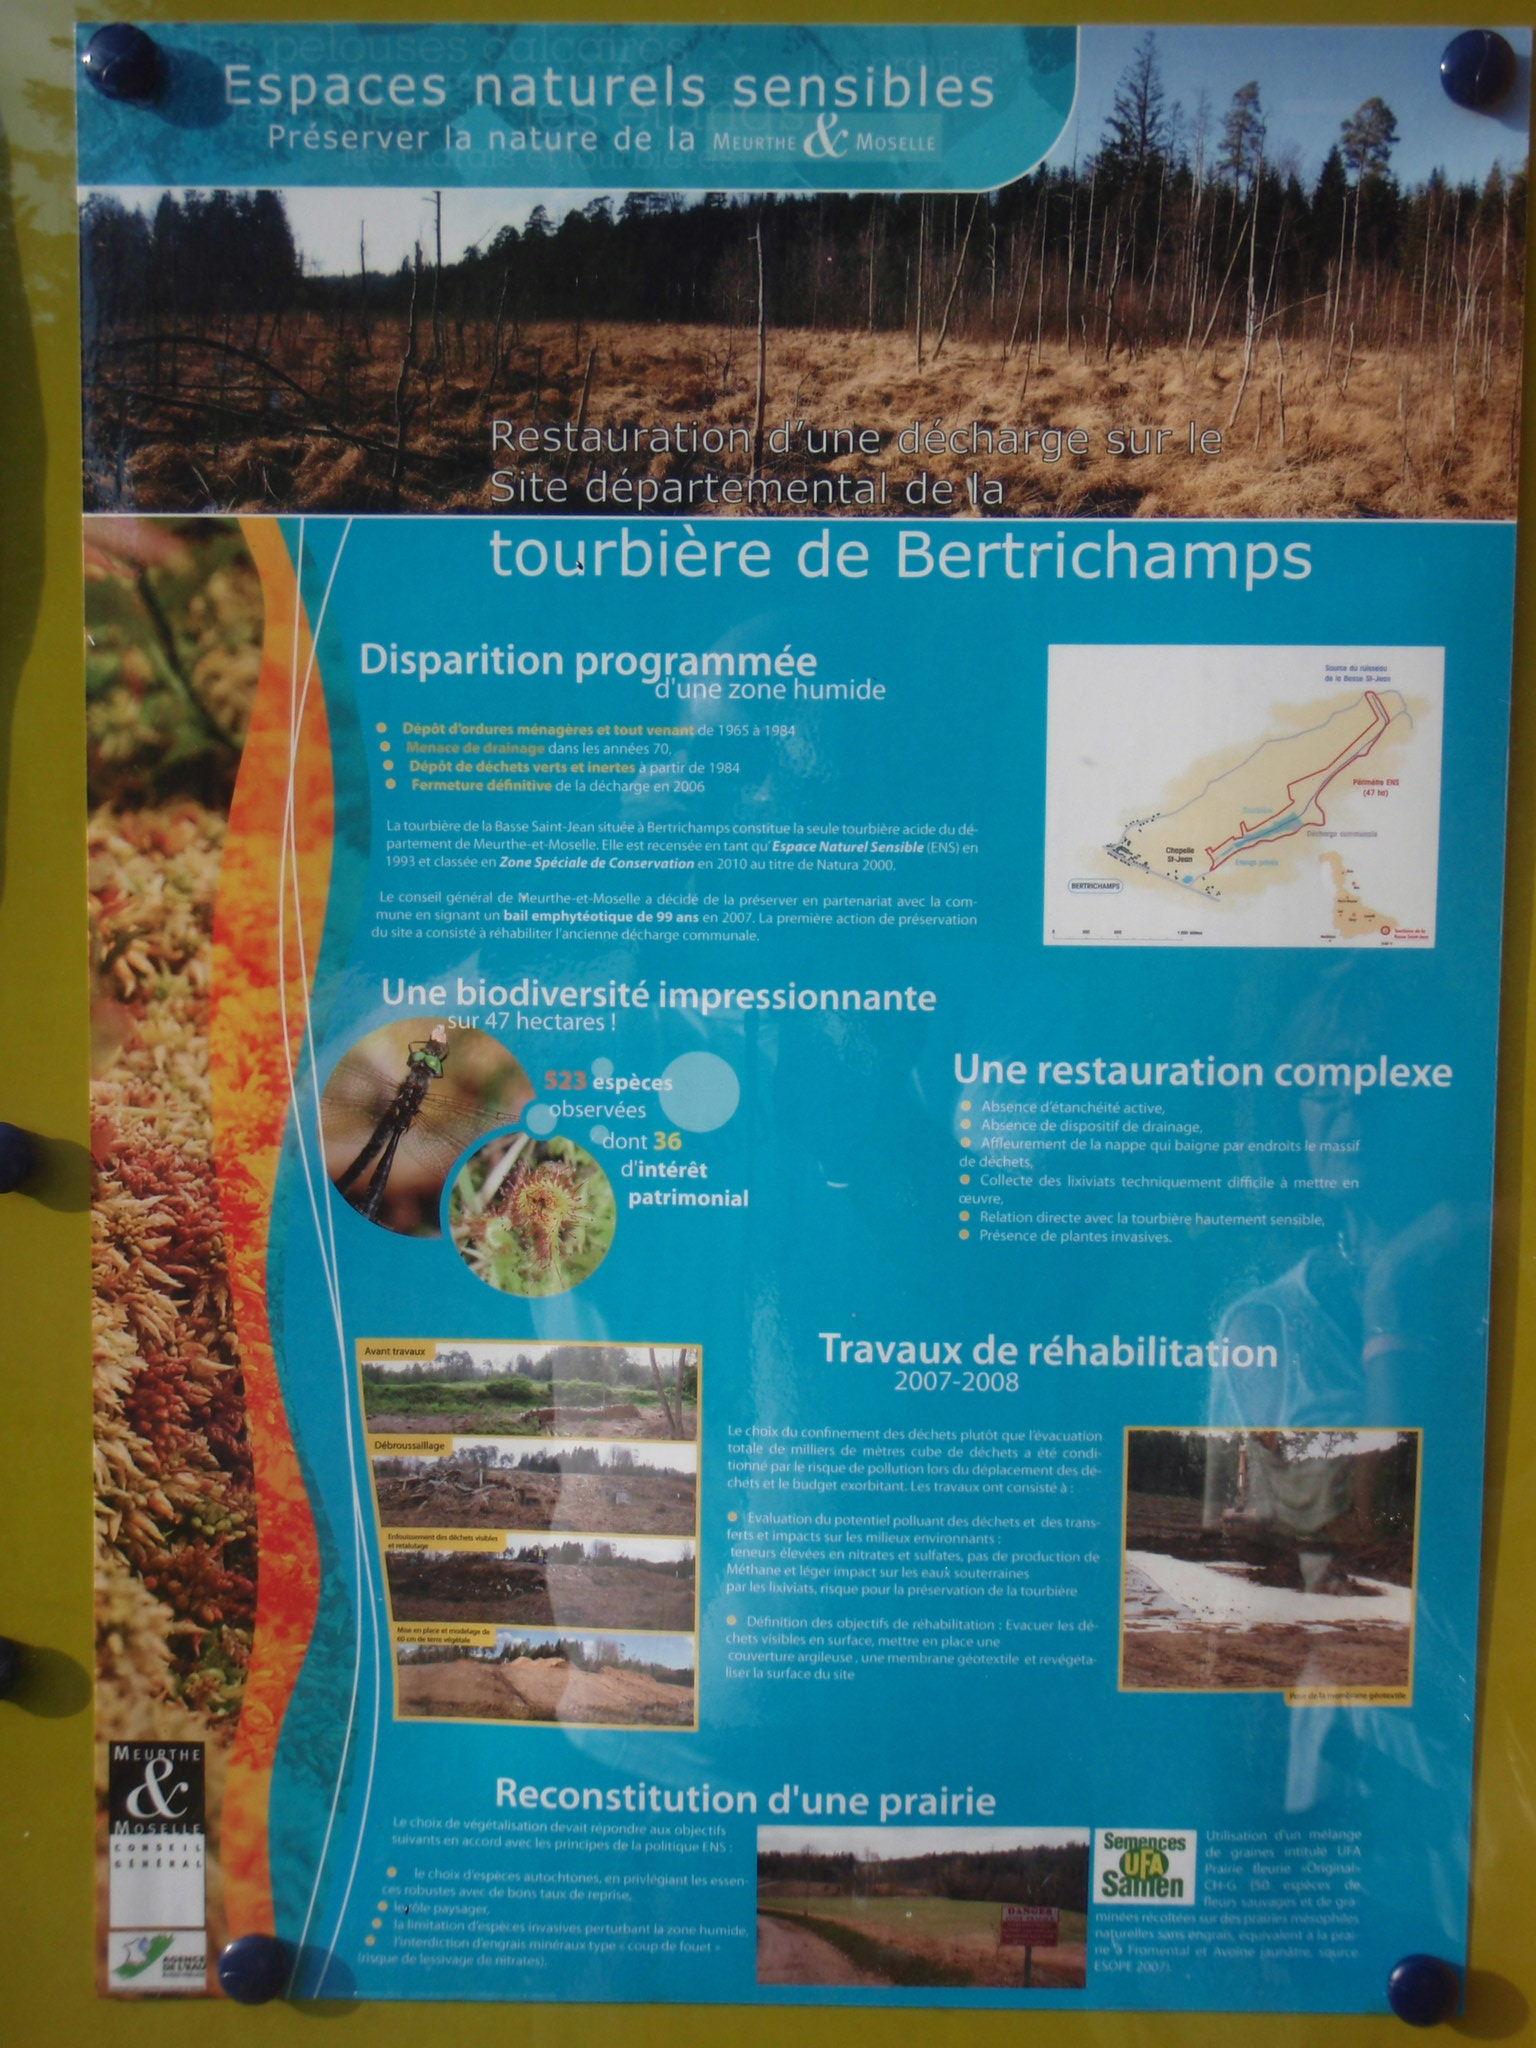 Tourbière de Bertrichamps